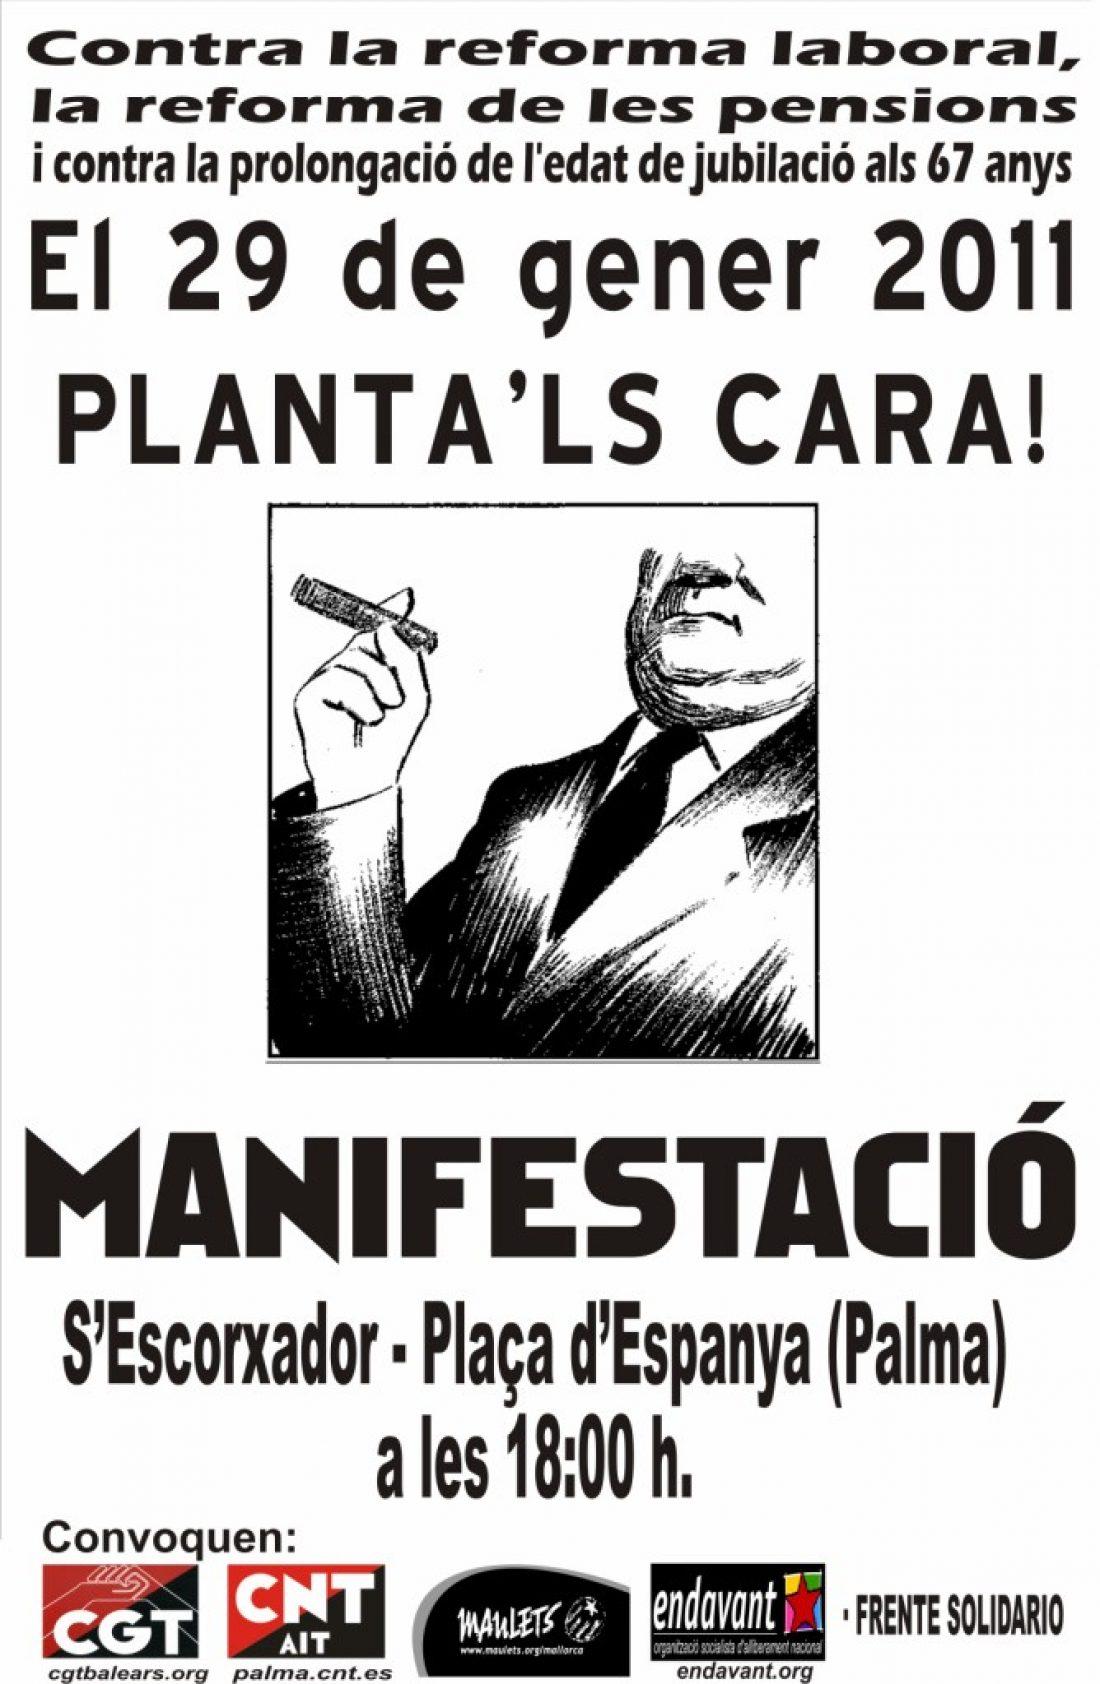 Illes Balears: Por la Huelga General! En solidaridad con Euskal Herria, Catalunya y Galiza